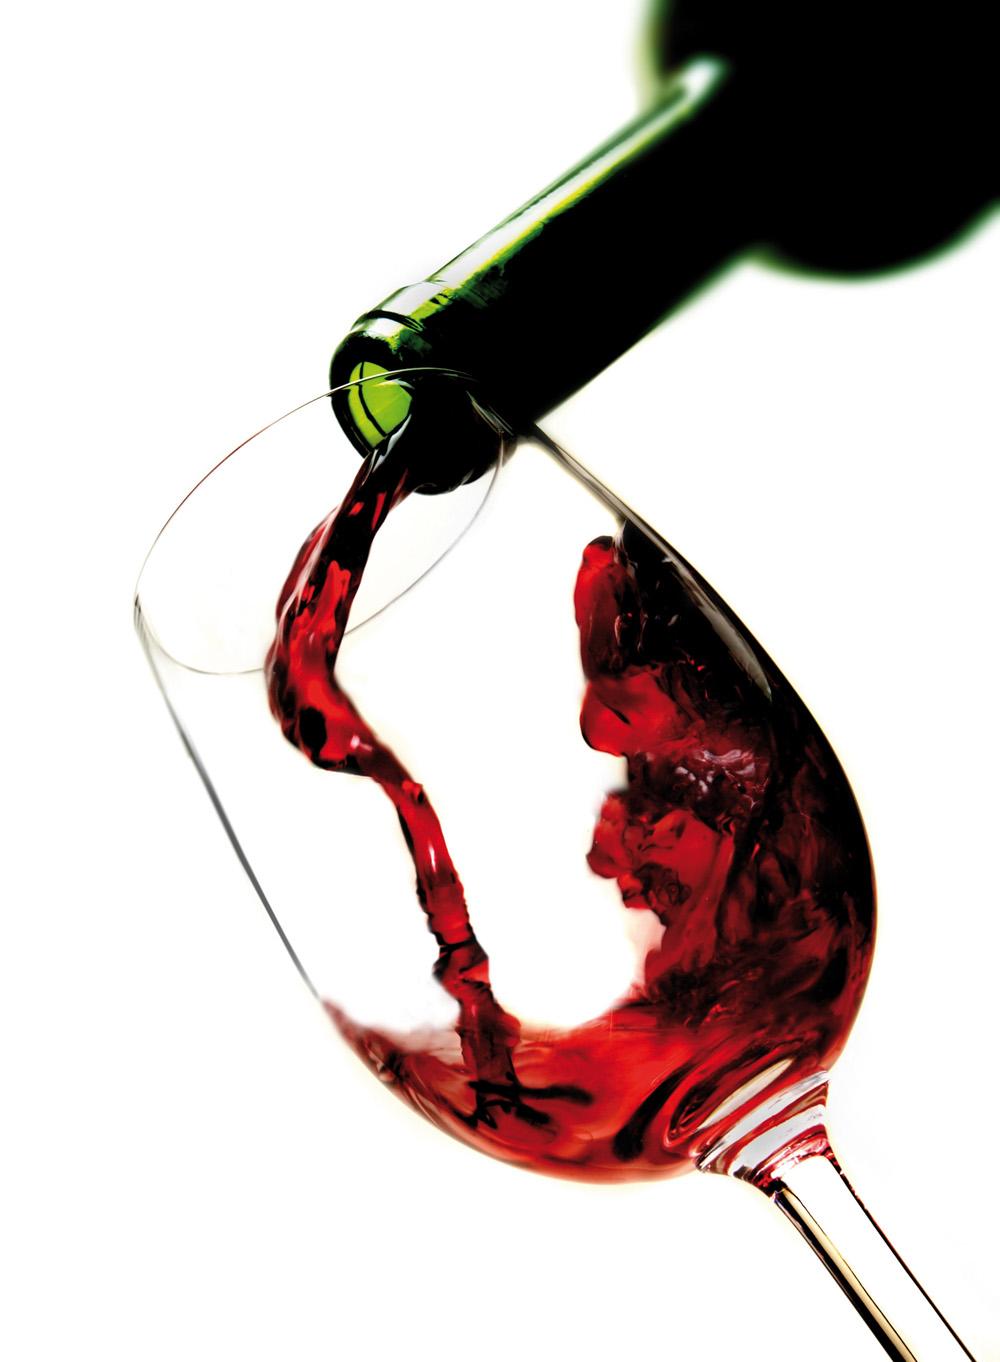 Cele mai bune vinuri româneşti premiate la Salonul Internaţional Vinvest 2012